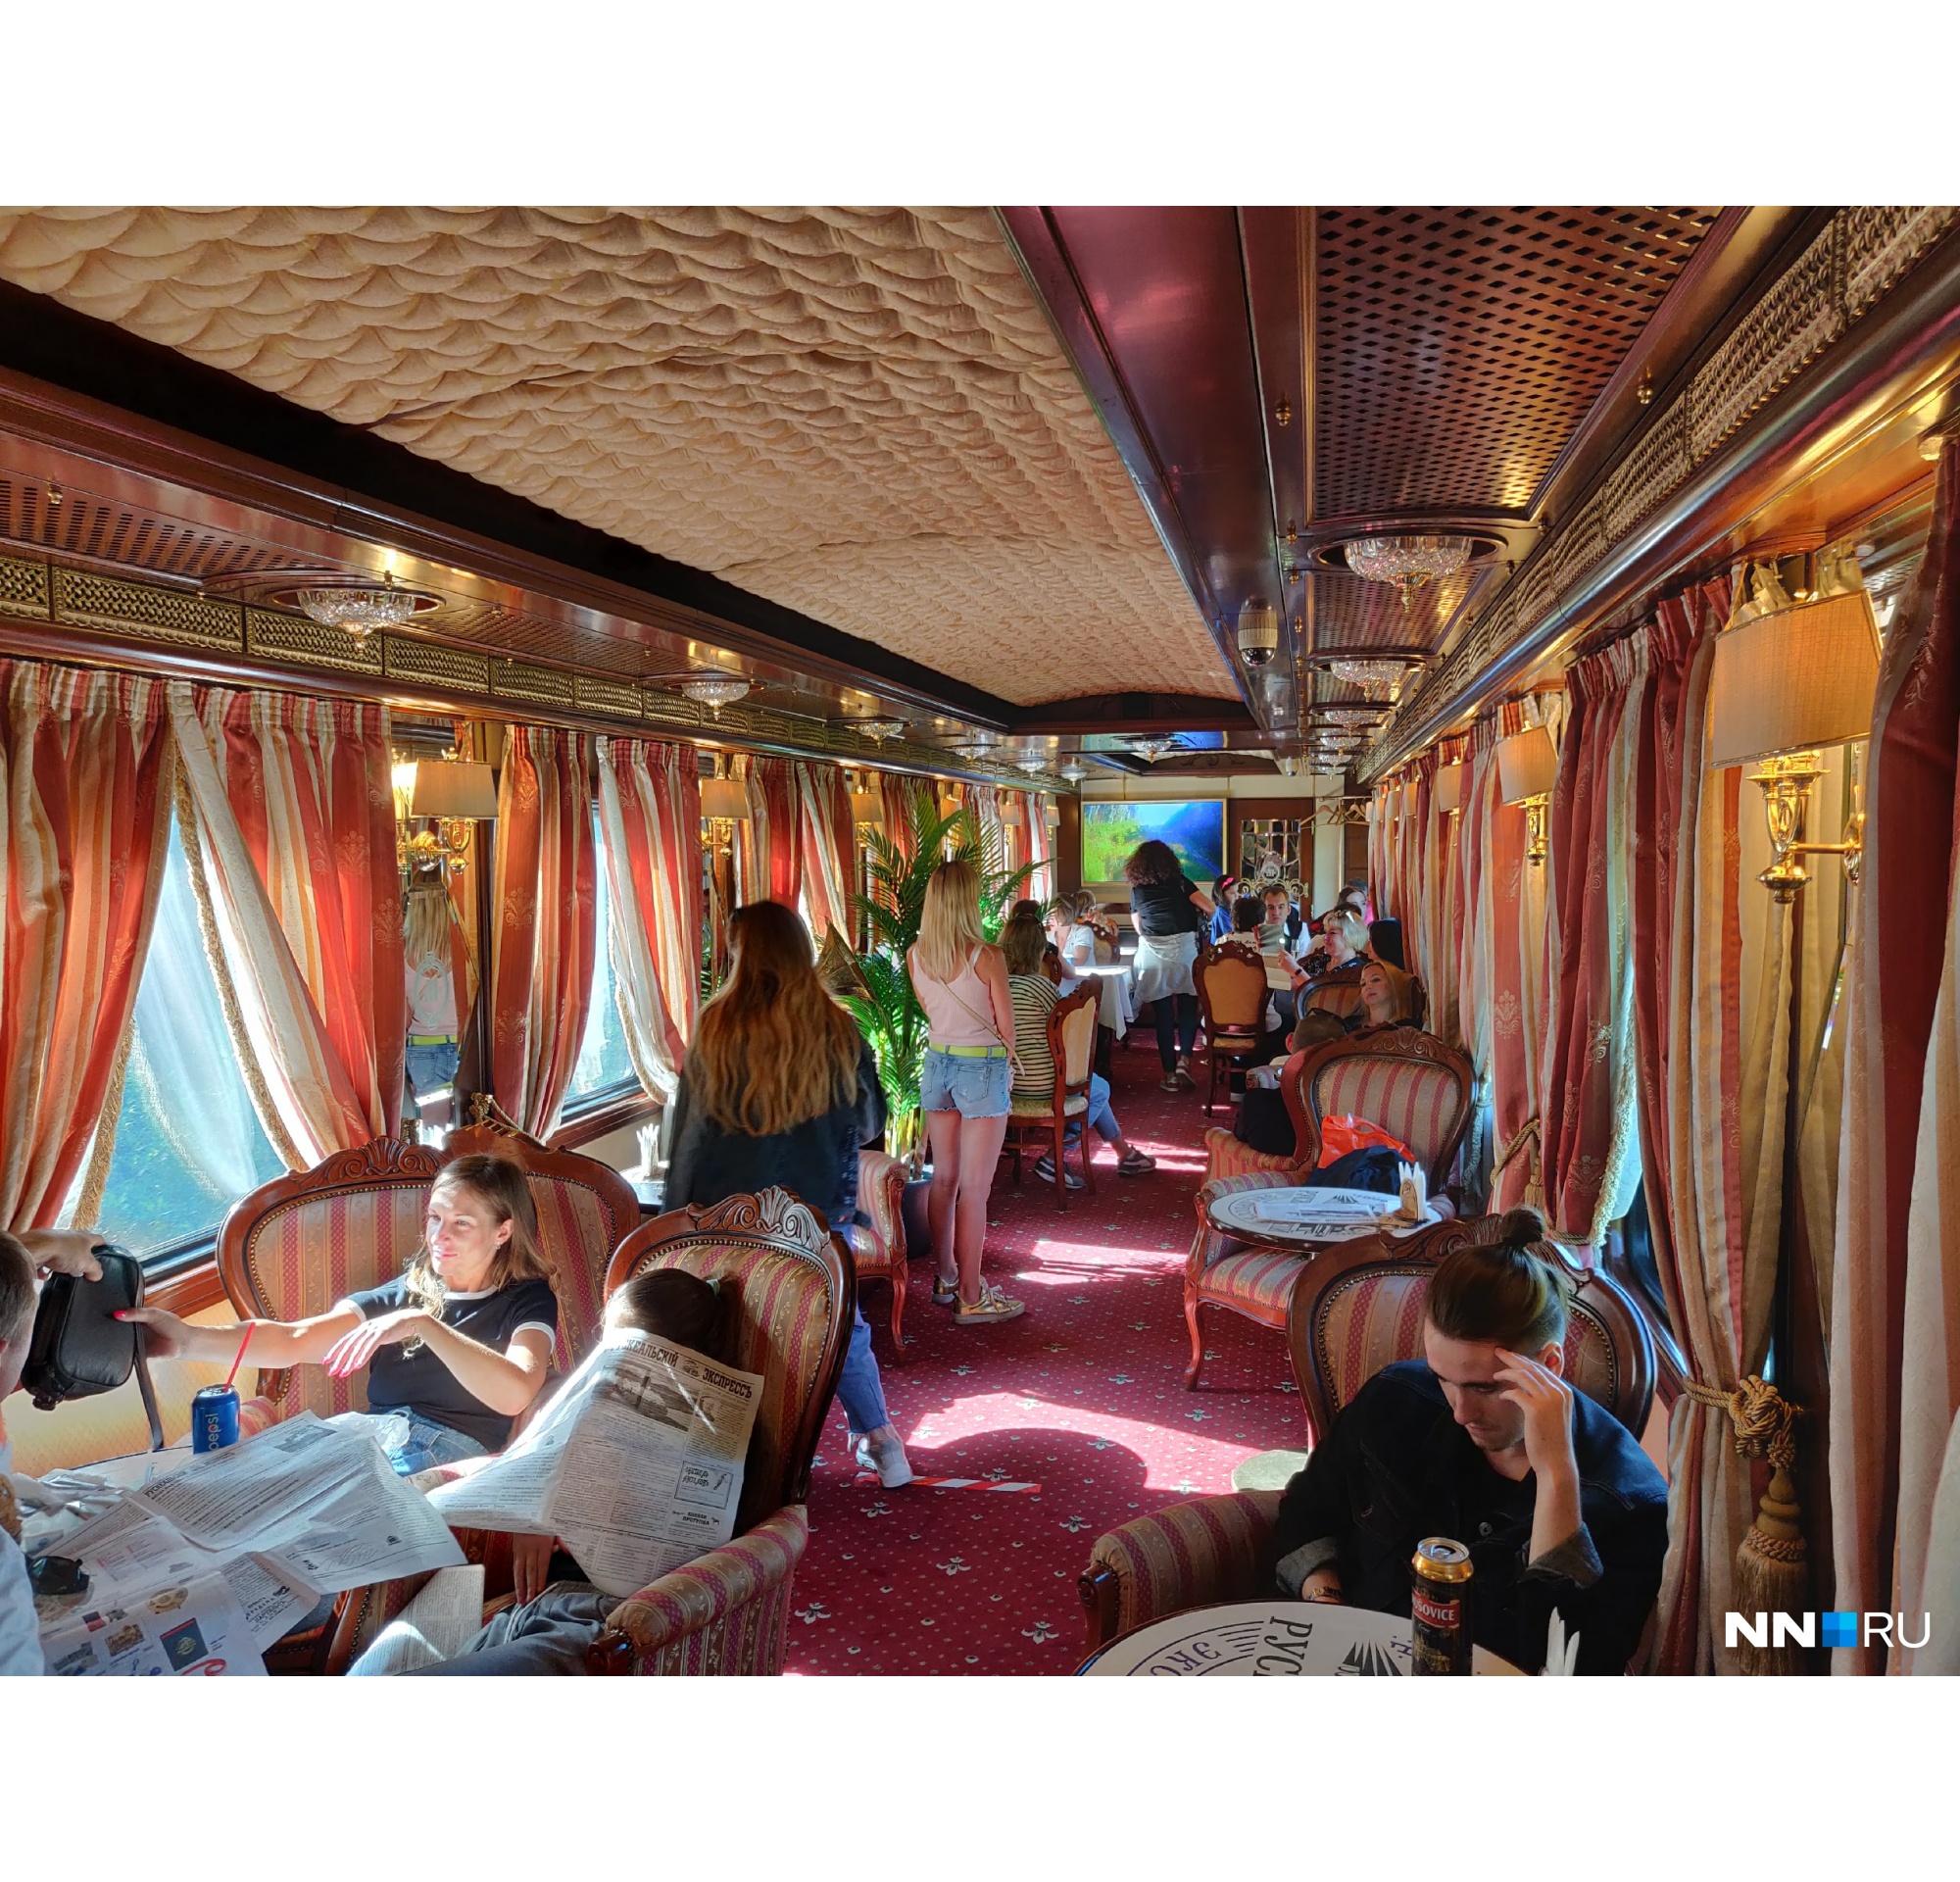 В вагоне-ресторане всё выглядит дорого-богато